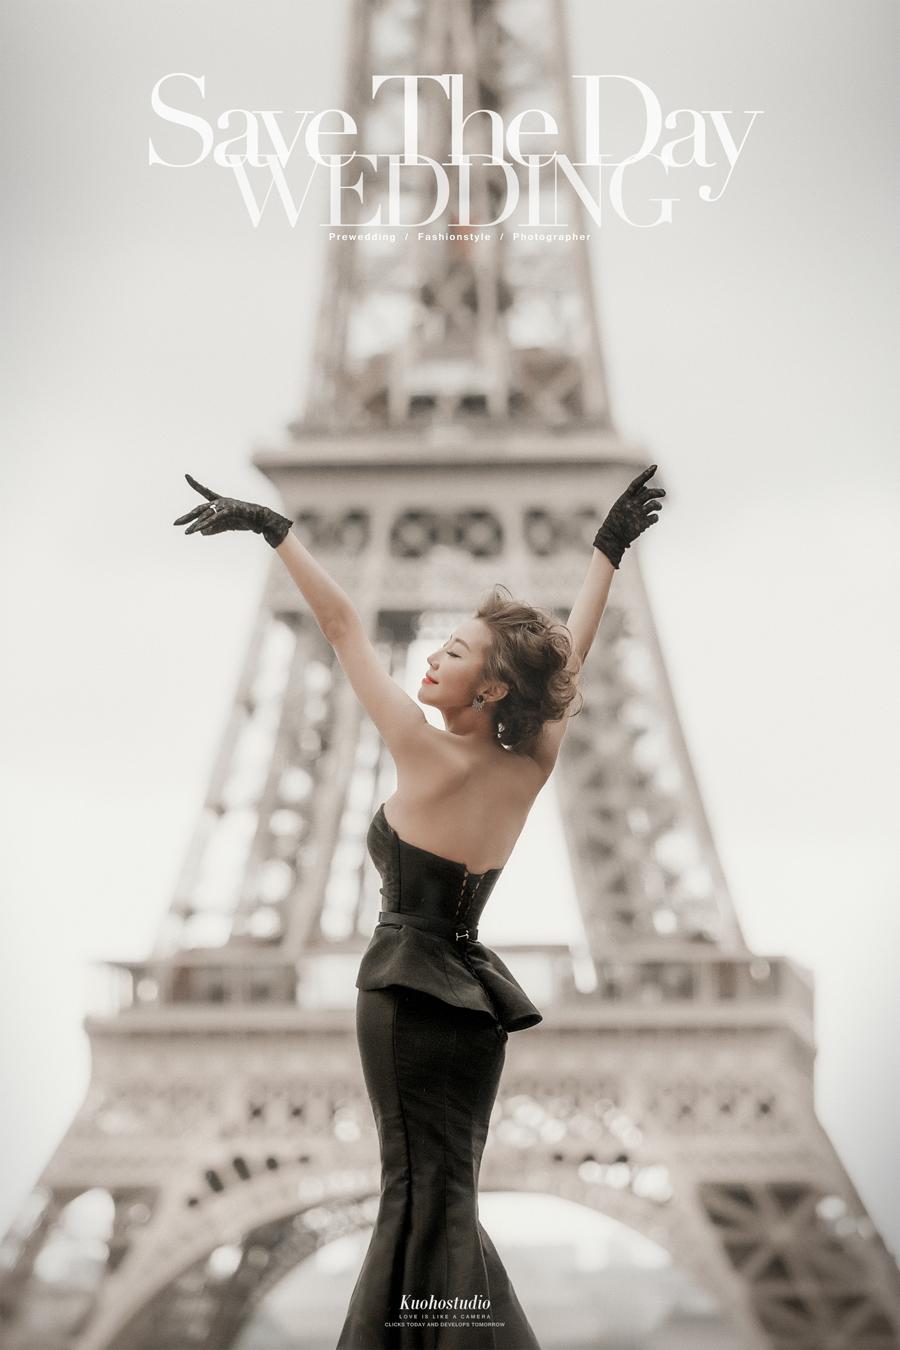 巴黎海外婚紗,巴黎婚紗,台中自助婚紗,台北自助婚紗,婚紗攝影,海外婚紗,海外婚攝,台中婚紗工作室,台中婚攝,台北婚攝,郭賀影像,paris